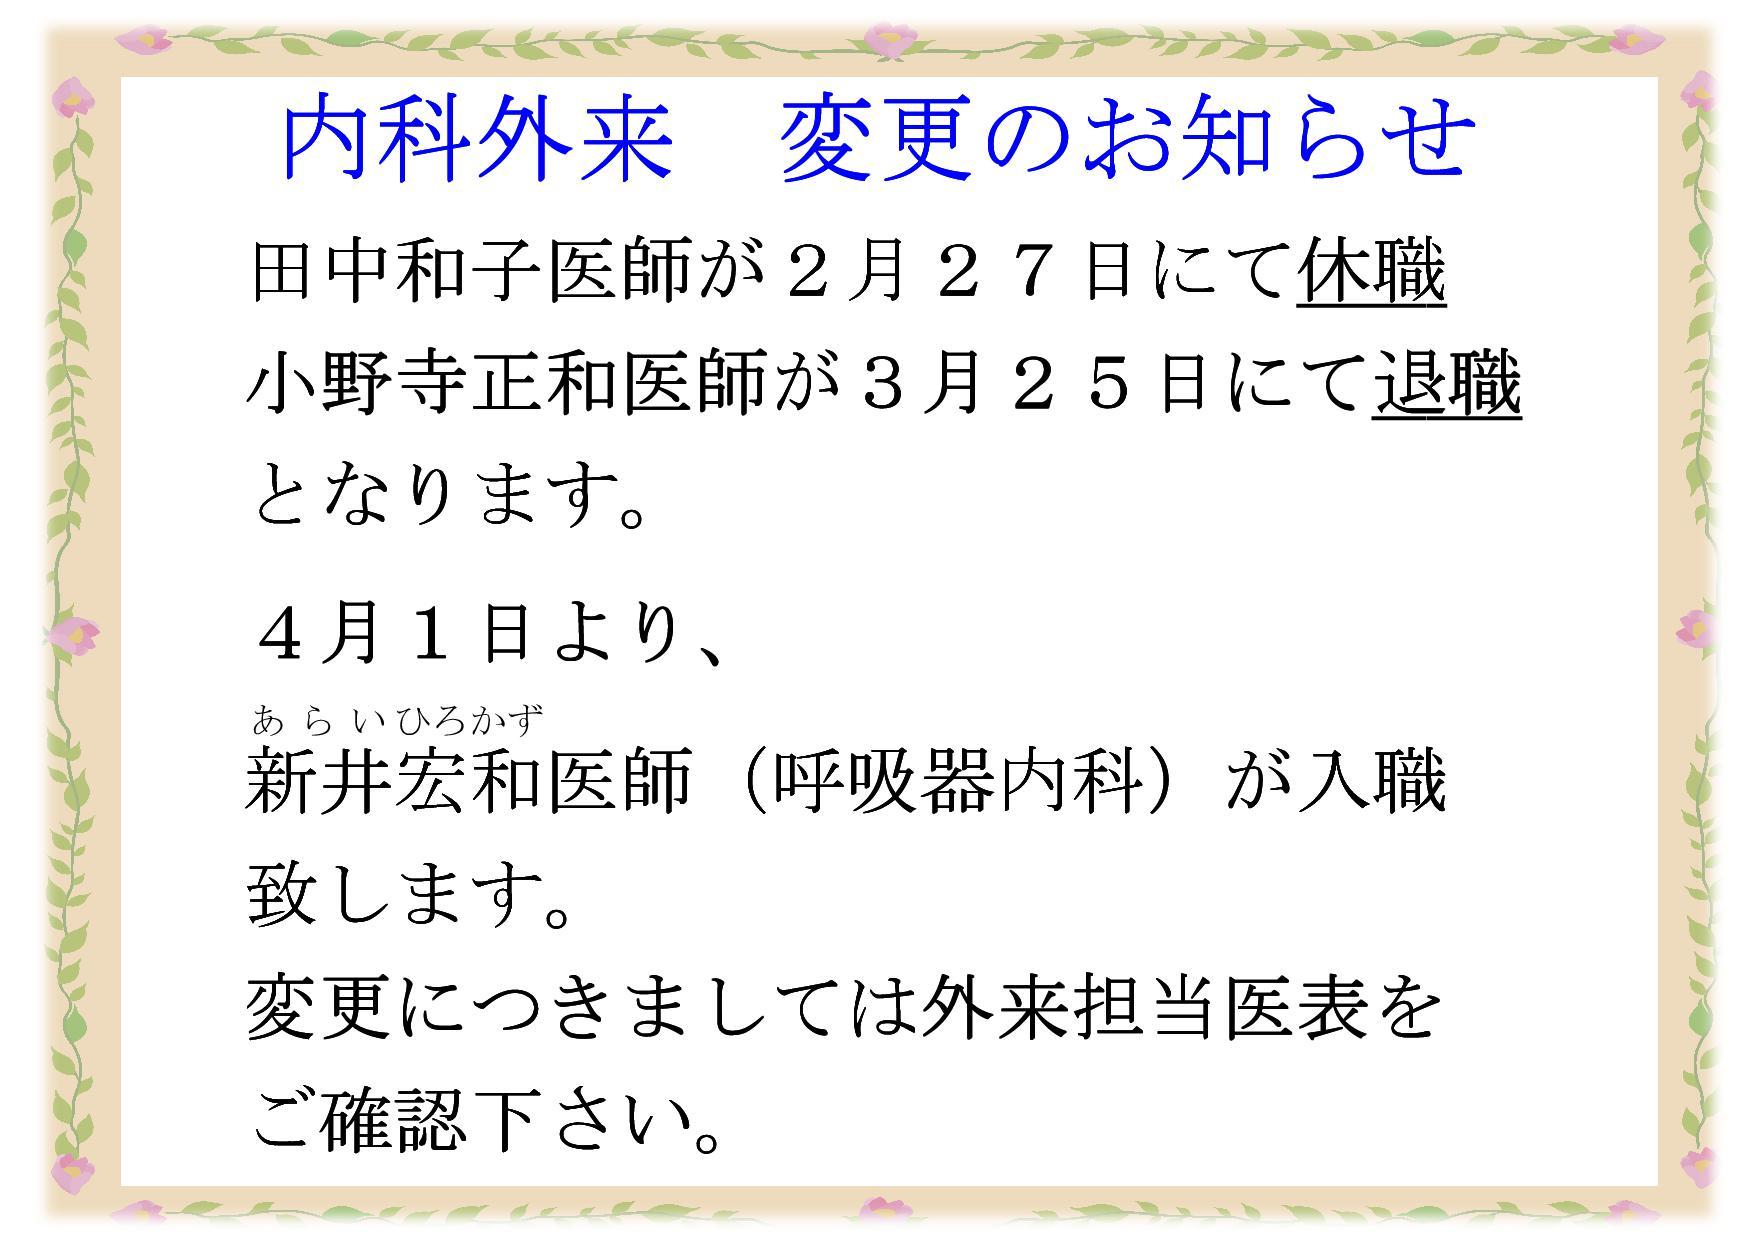 田中和子医師が2月27日にて休職、小野寺正和医師が3月25日にて退職となります。4月1日より、新井(あらい)宏和(ひろかず)医師(呼吸器内科)が入職致します。